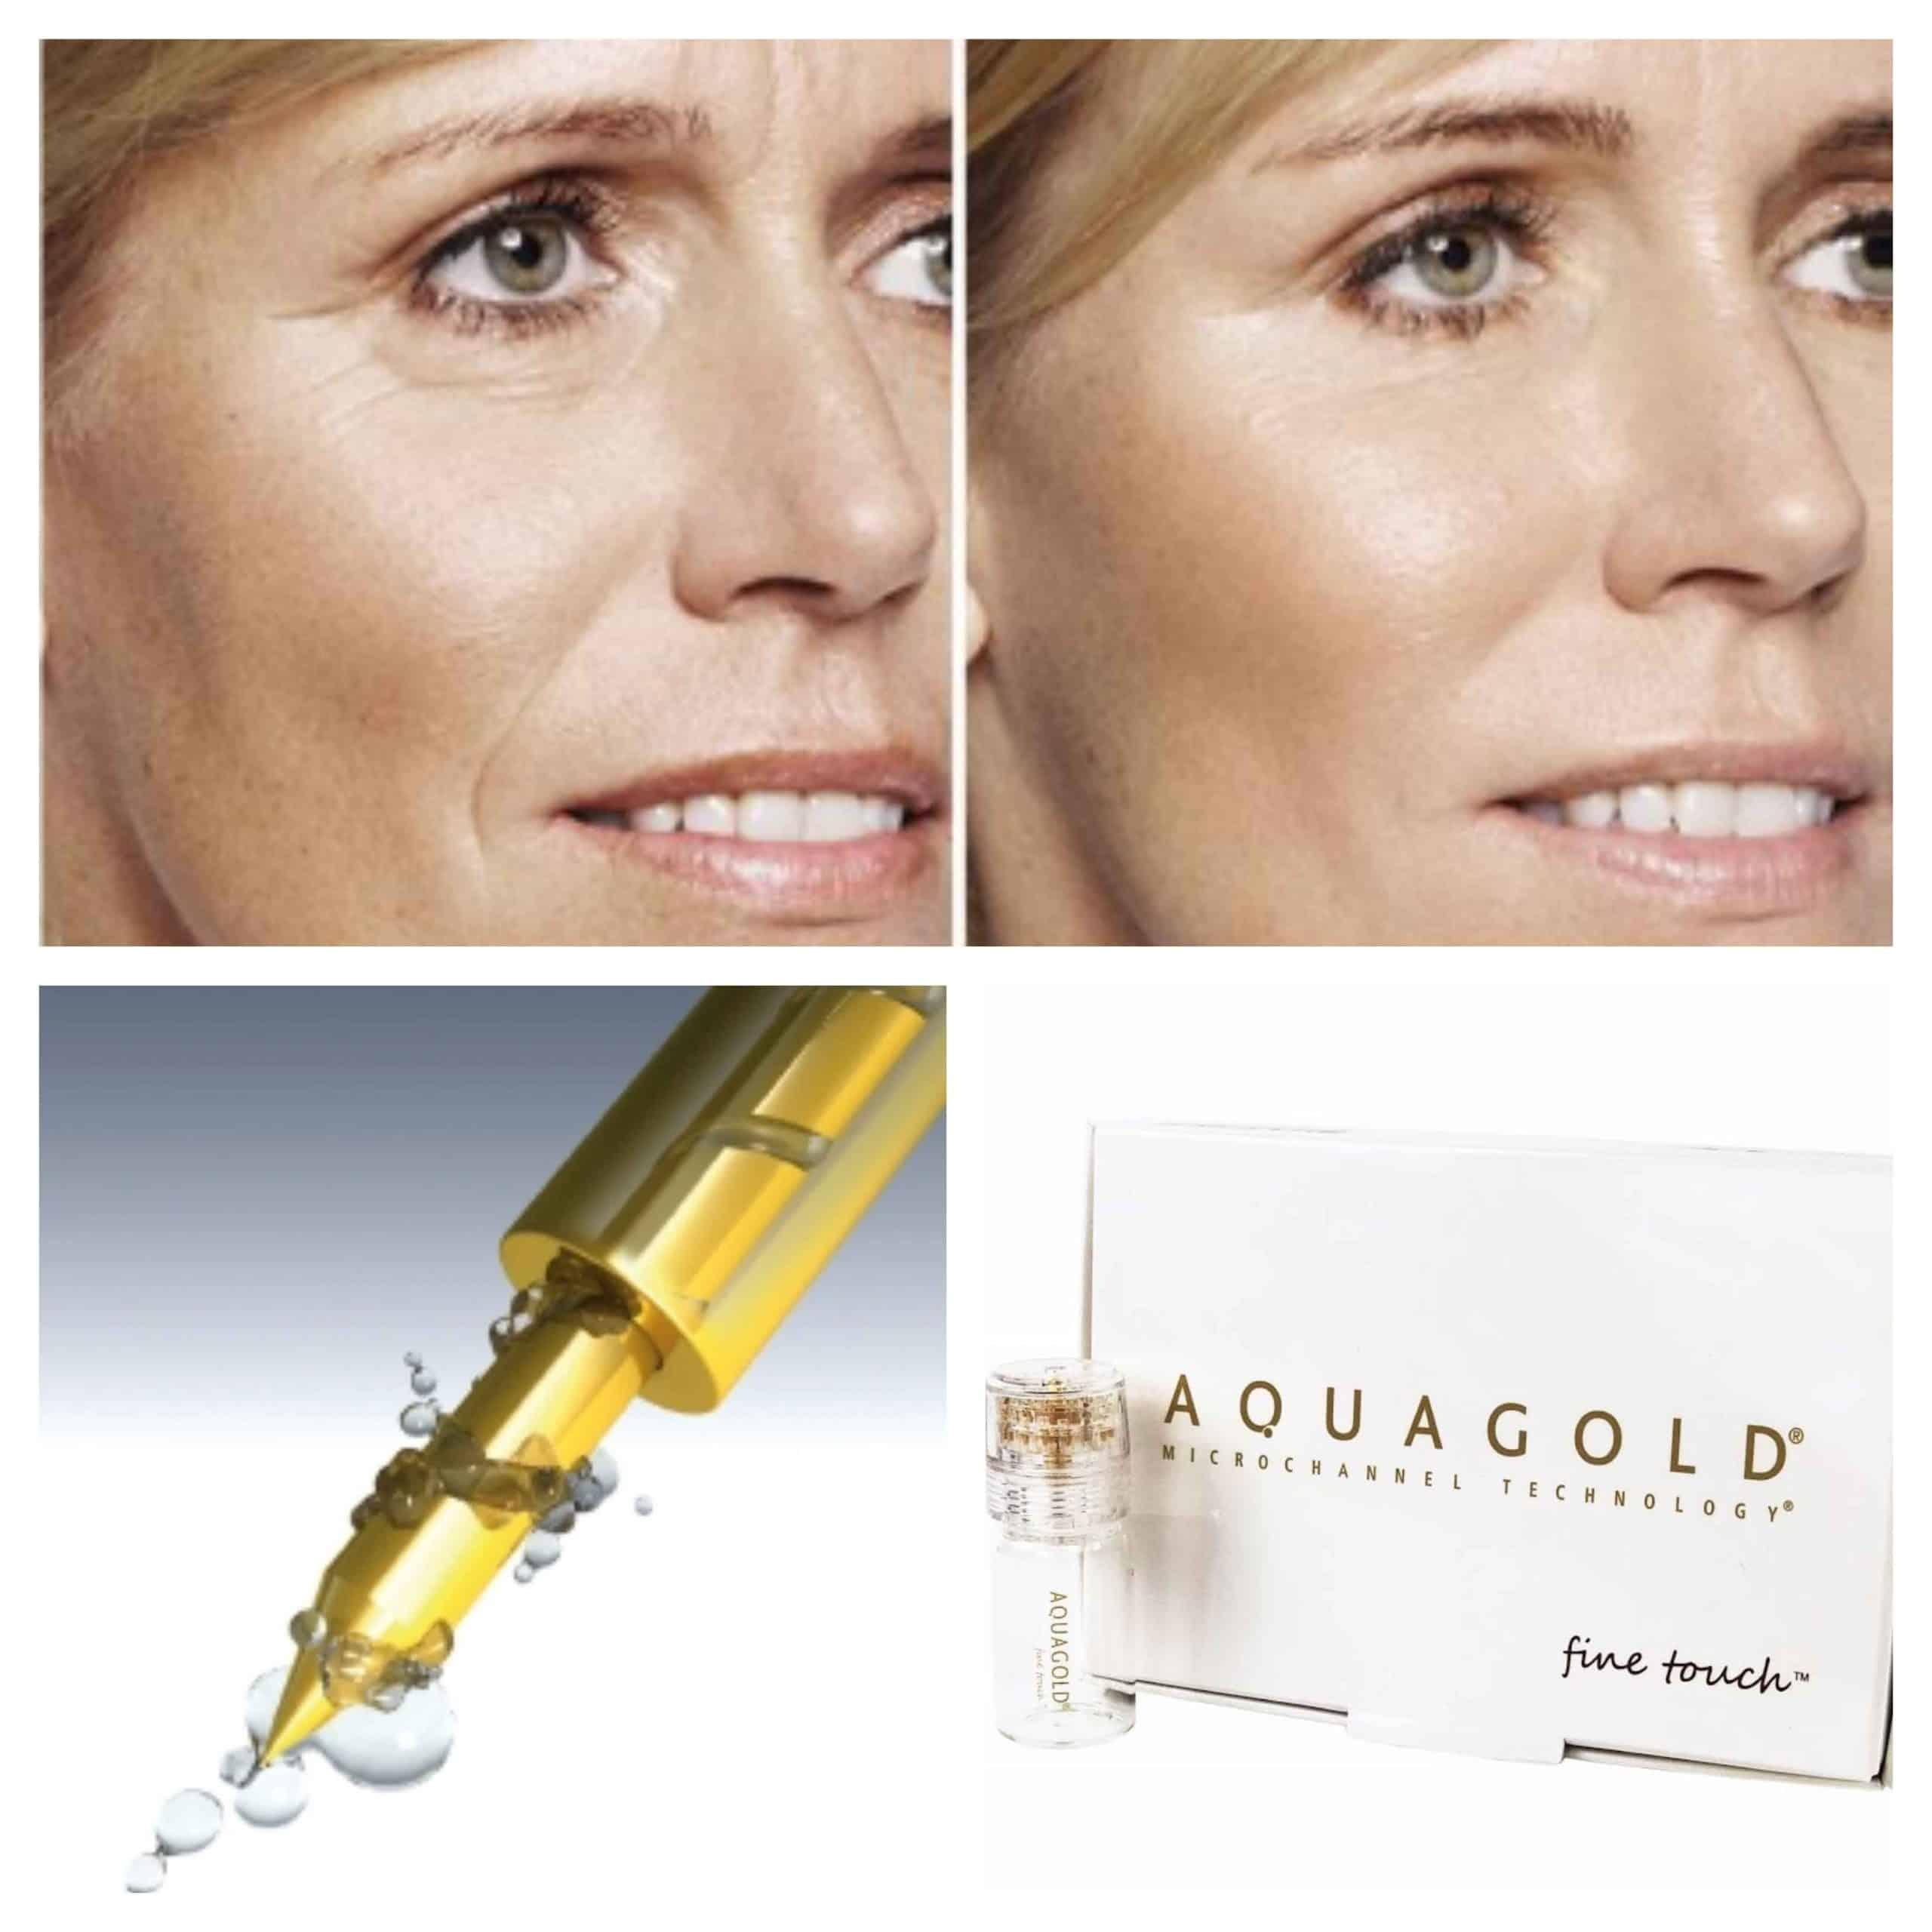 Aquagold facial treatments in Richmond - Richmond's advanced skin treatment